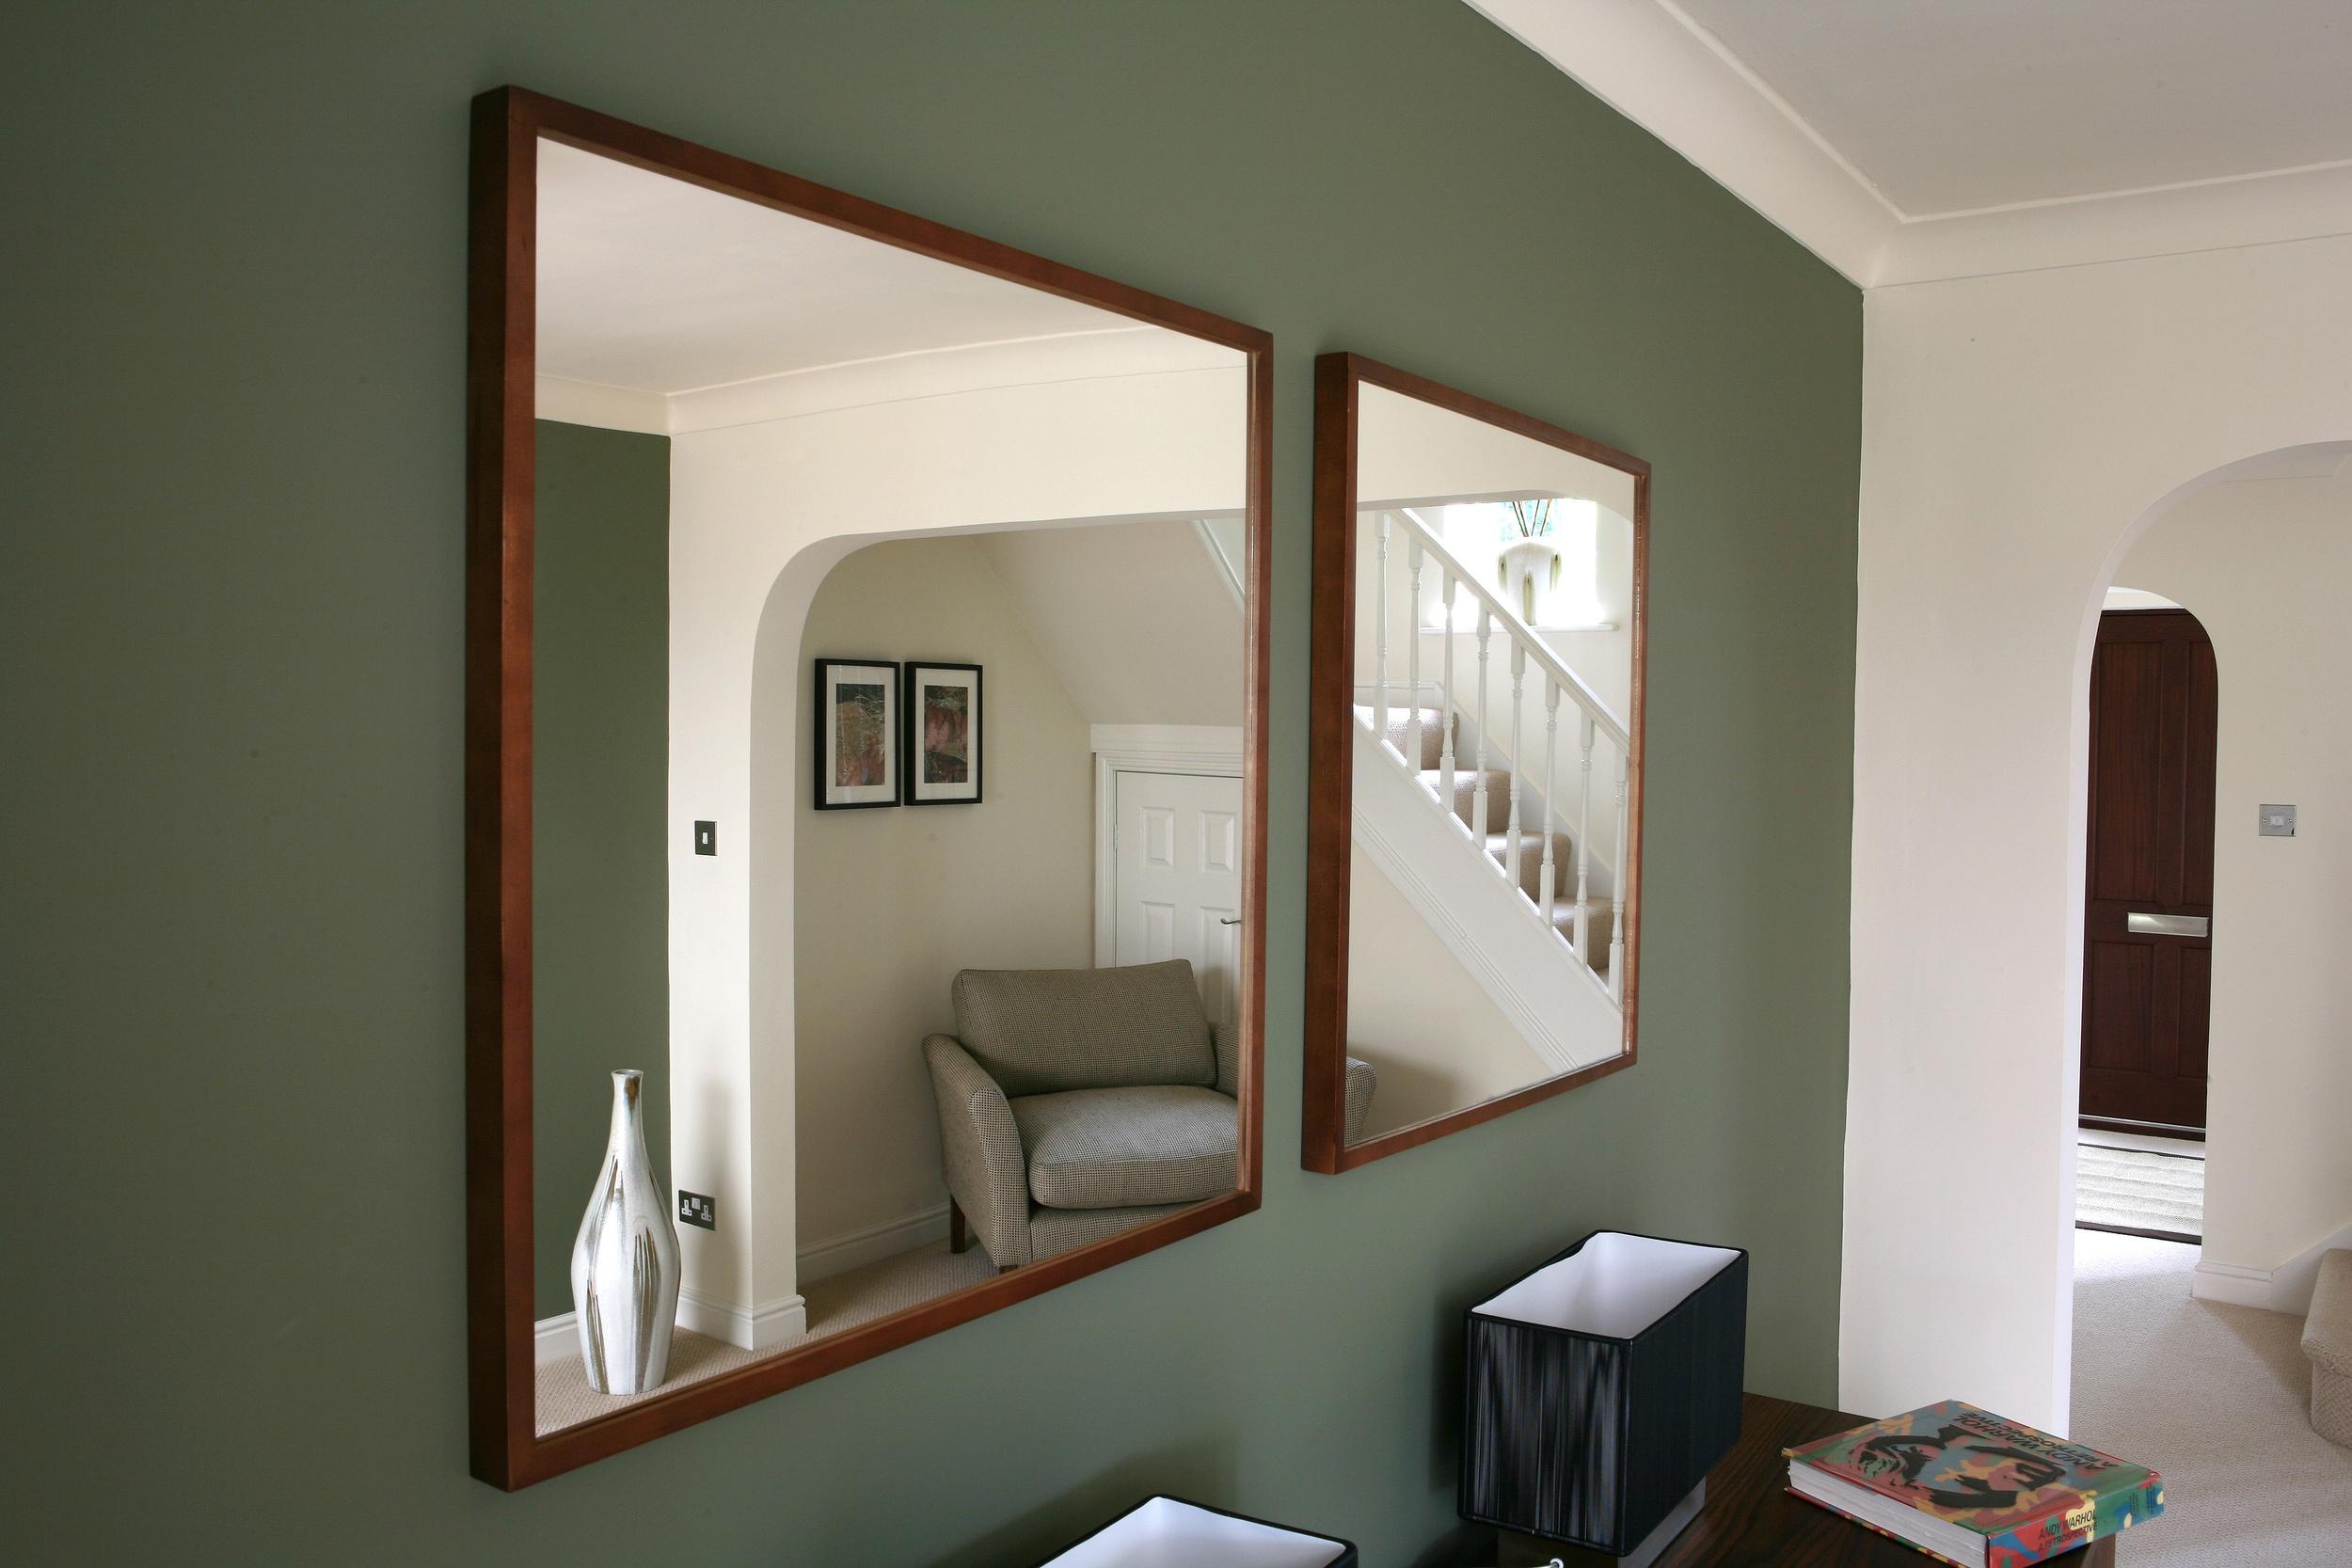 renovation-northwich-4.jpg